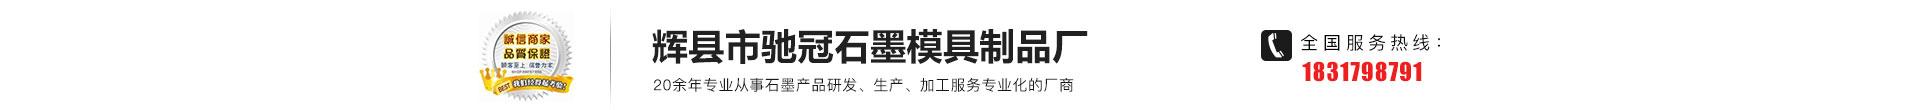 辉县市驰冠石墨模具制品厂